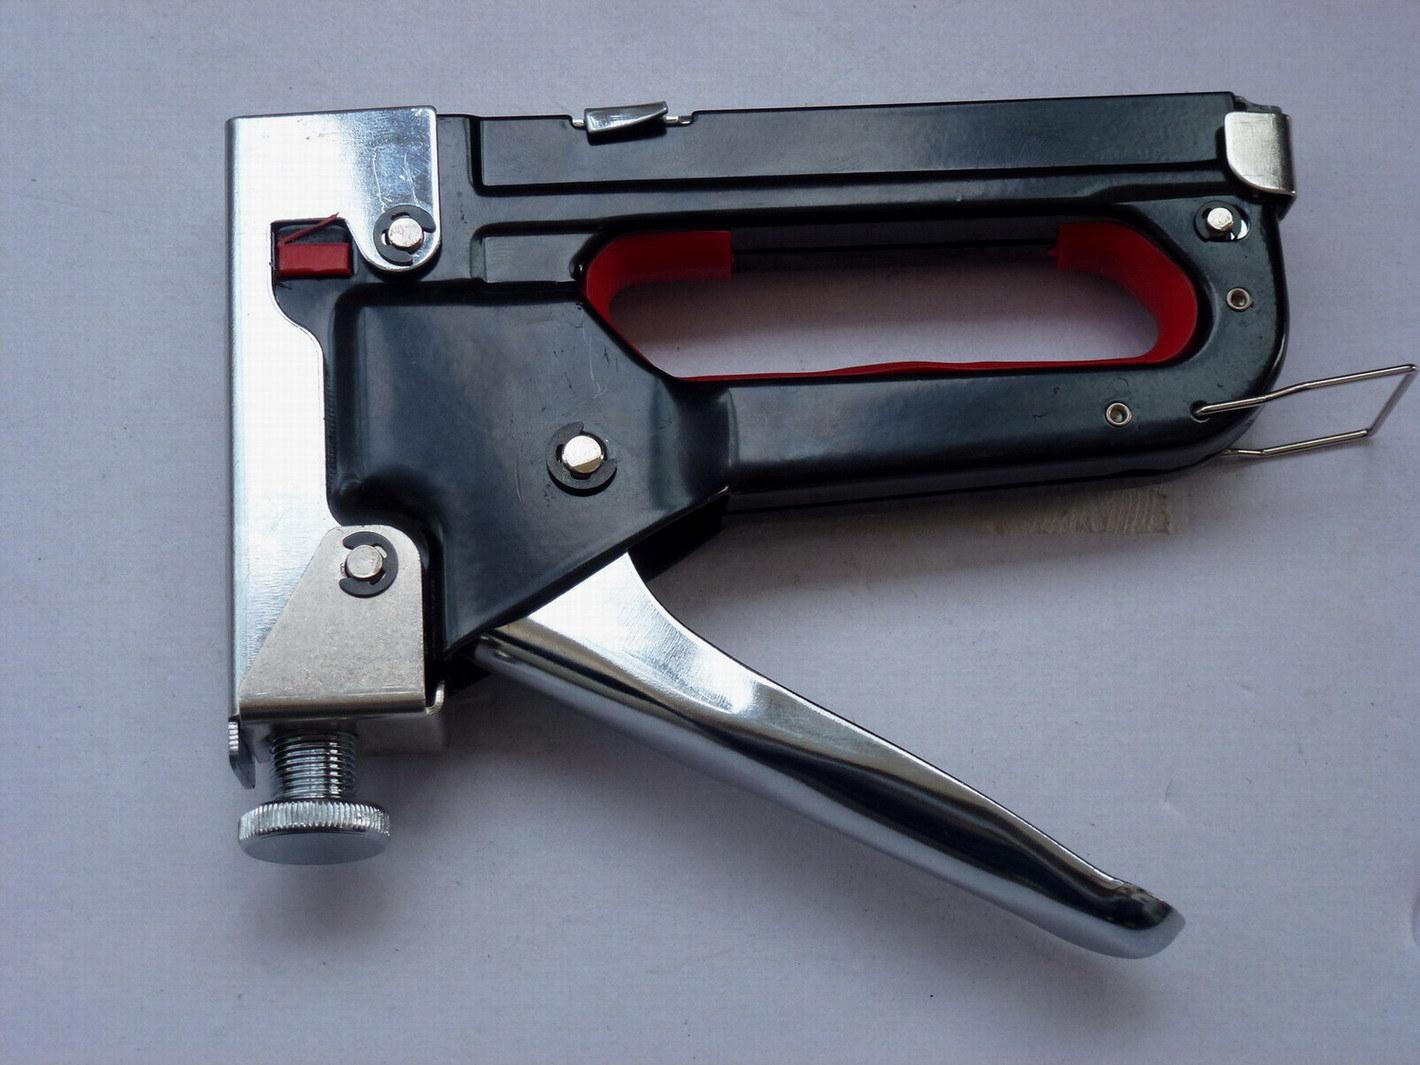 Pistolet professionnel d 39 agrafe et d 39 ongle yy 1301 pistolet professionnel d 39 agrafe et d 39 ongle - Pistolet a clou ...